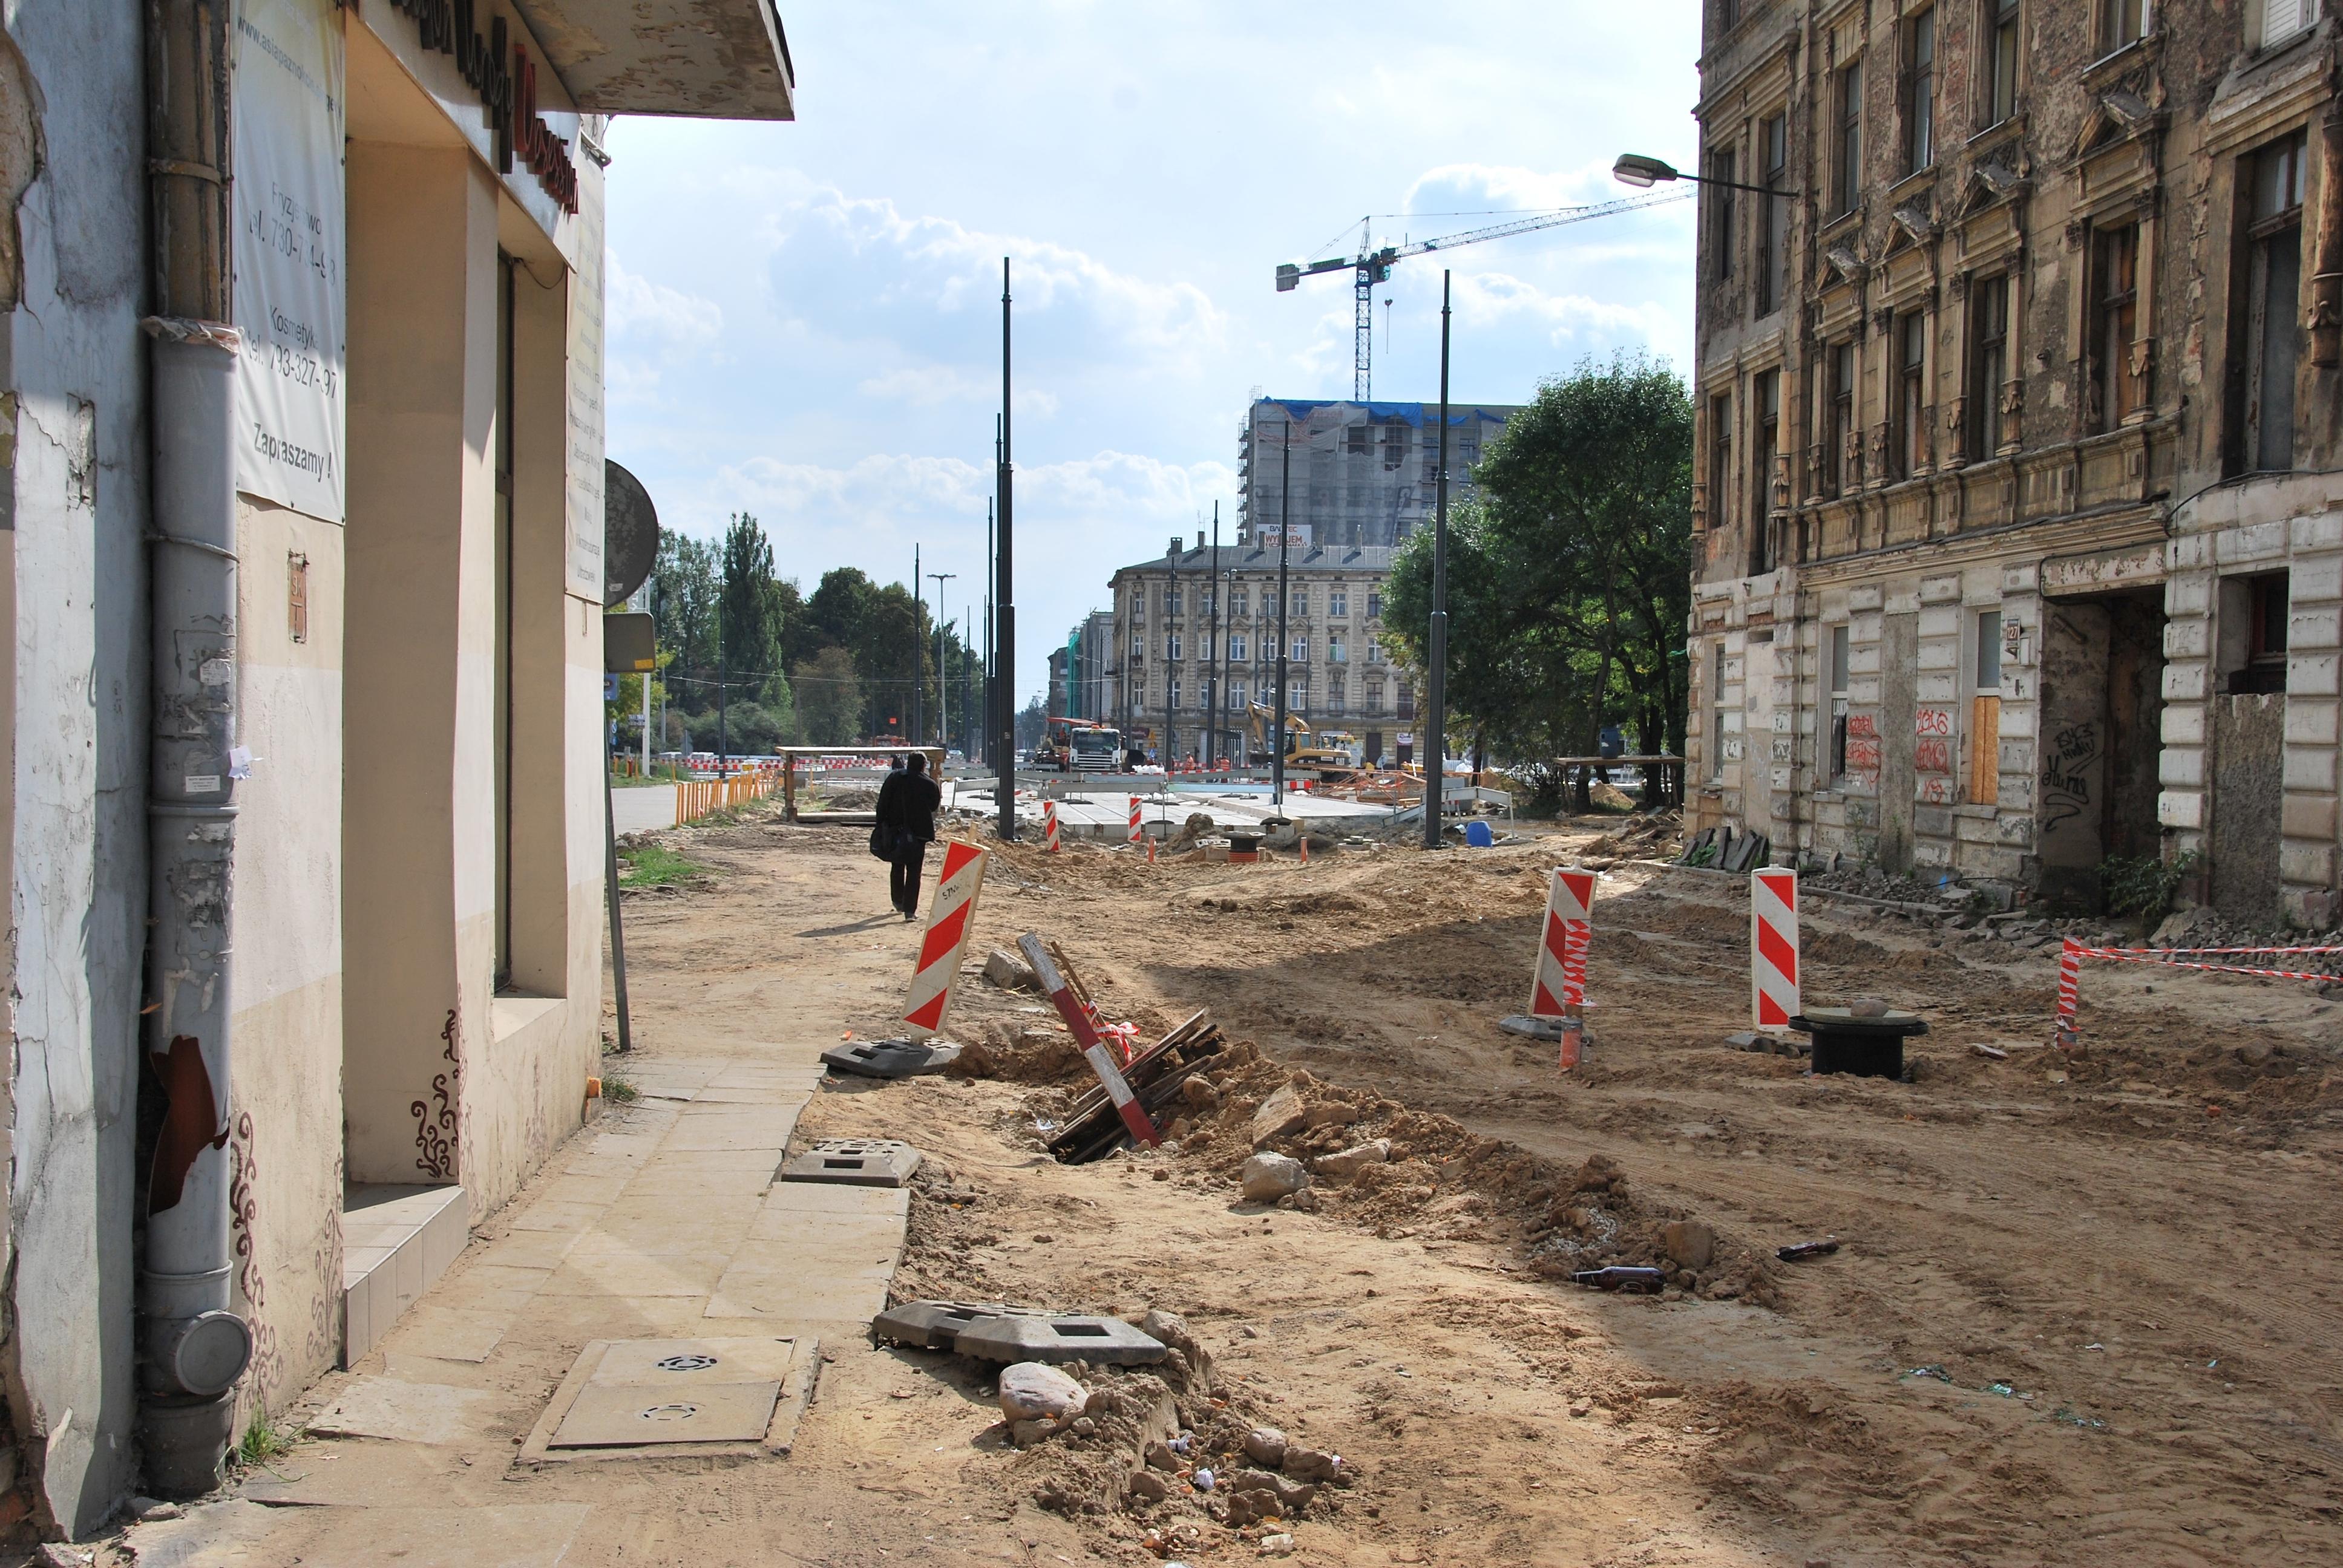 Renovation of Kilińskiego Street in Łódź, September 2015 03.jpg Polski: Remont ul. Kilińskiego, wrzesień 2015 English: Renovation of Kilińskiego